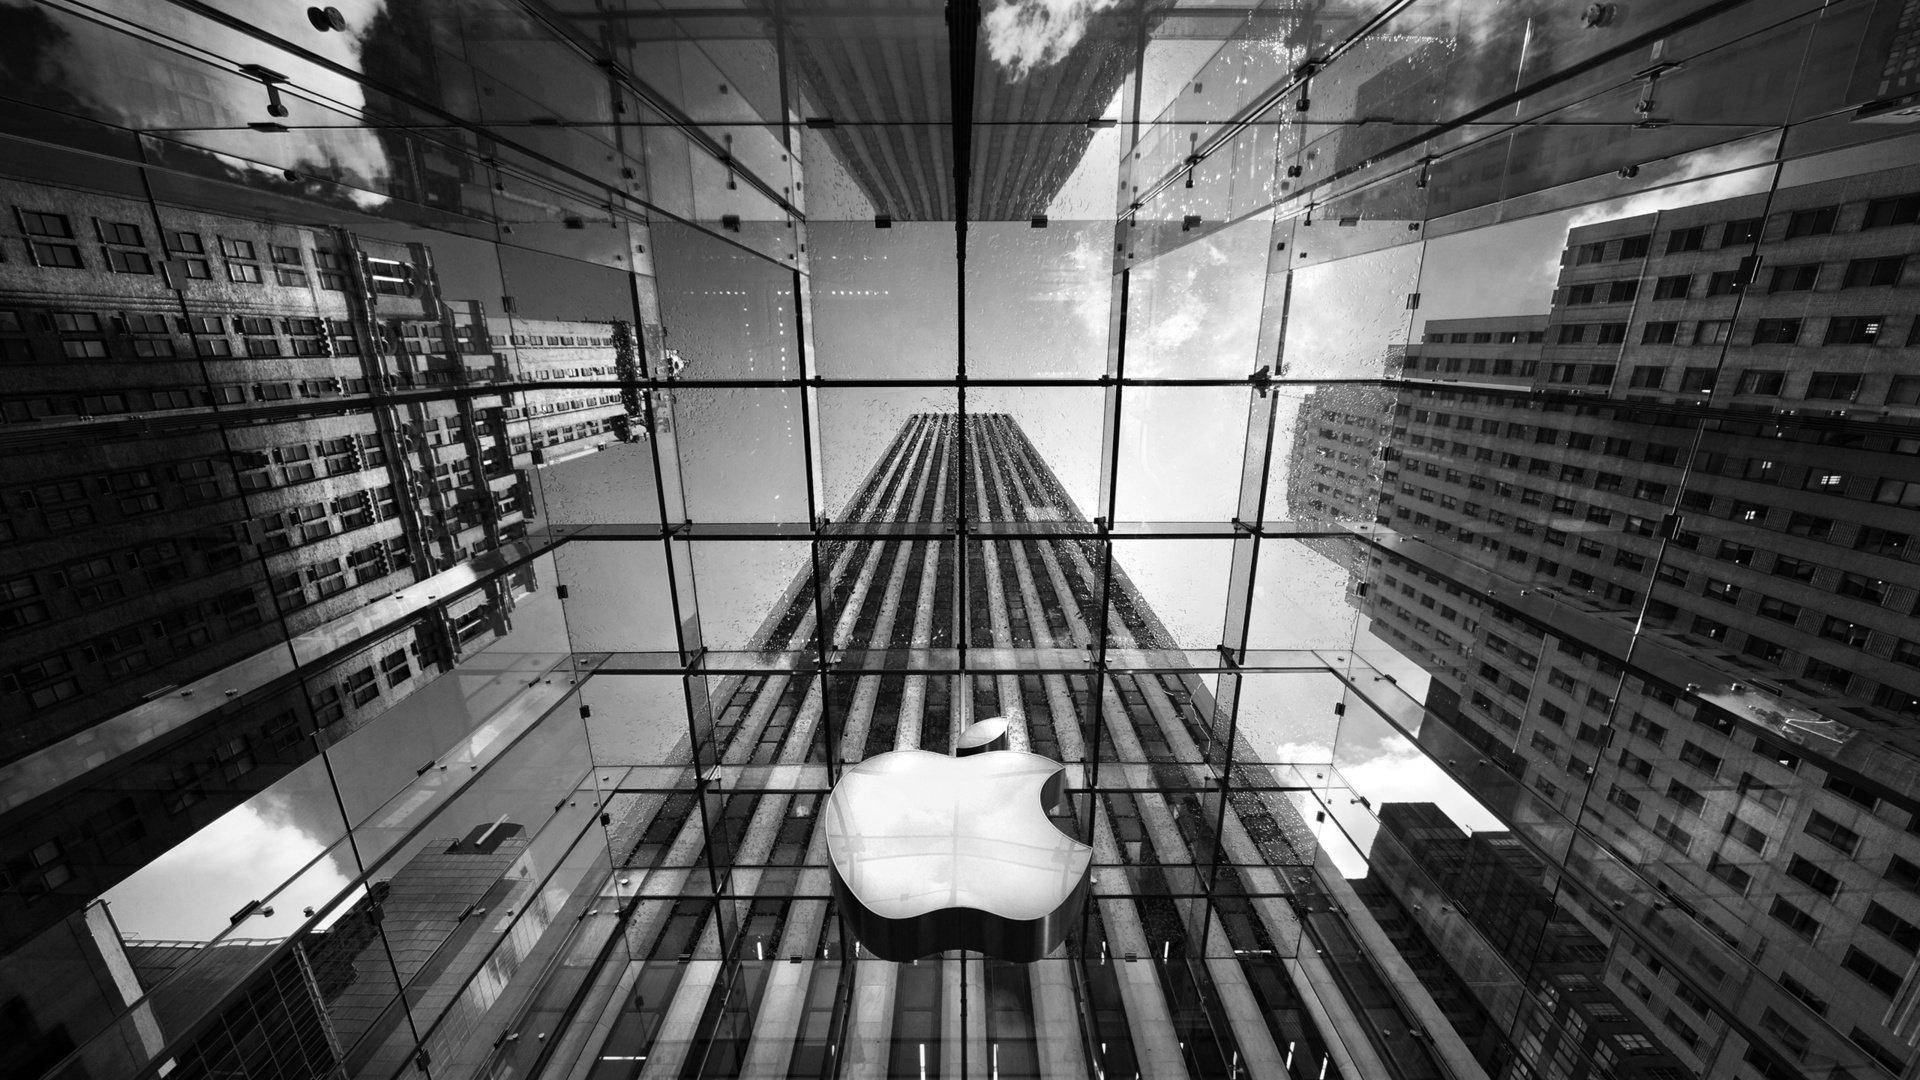 Apple расследует уязвимости iCloud после утечки личных фото знаменитостей.. - Изображение 1